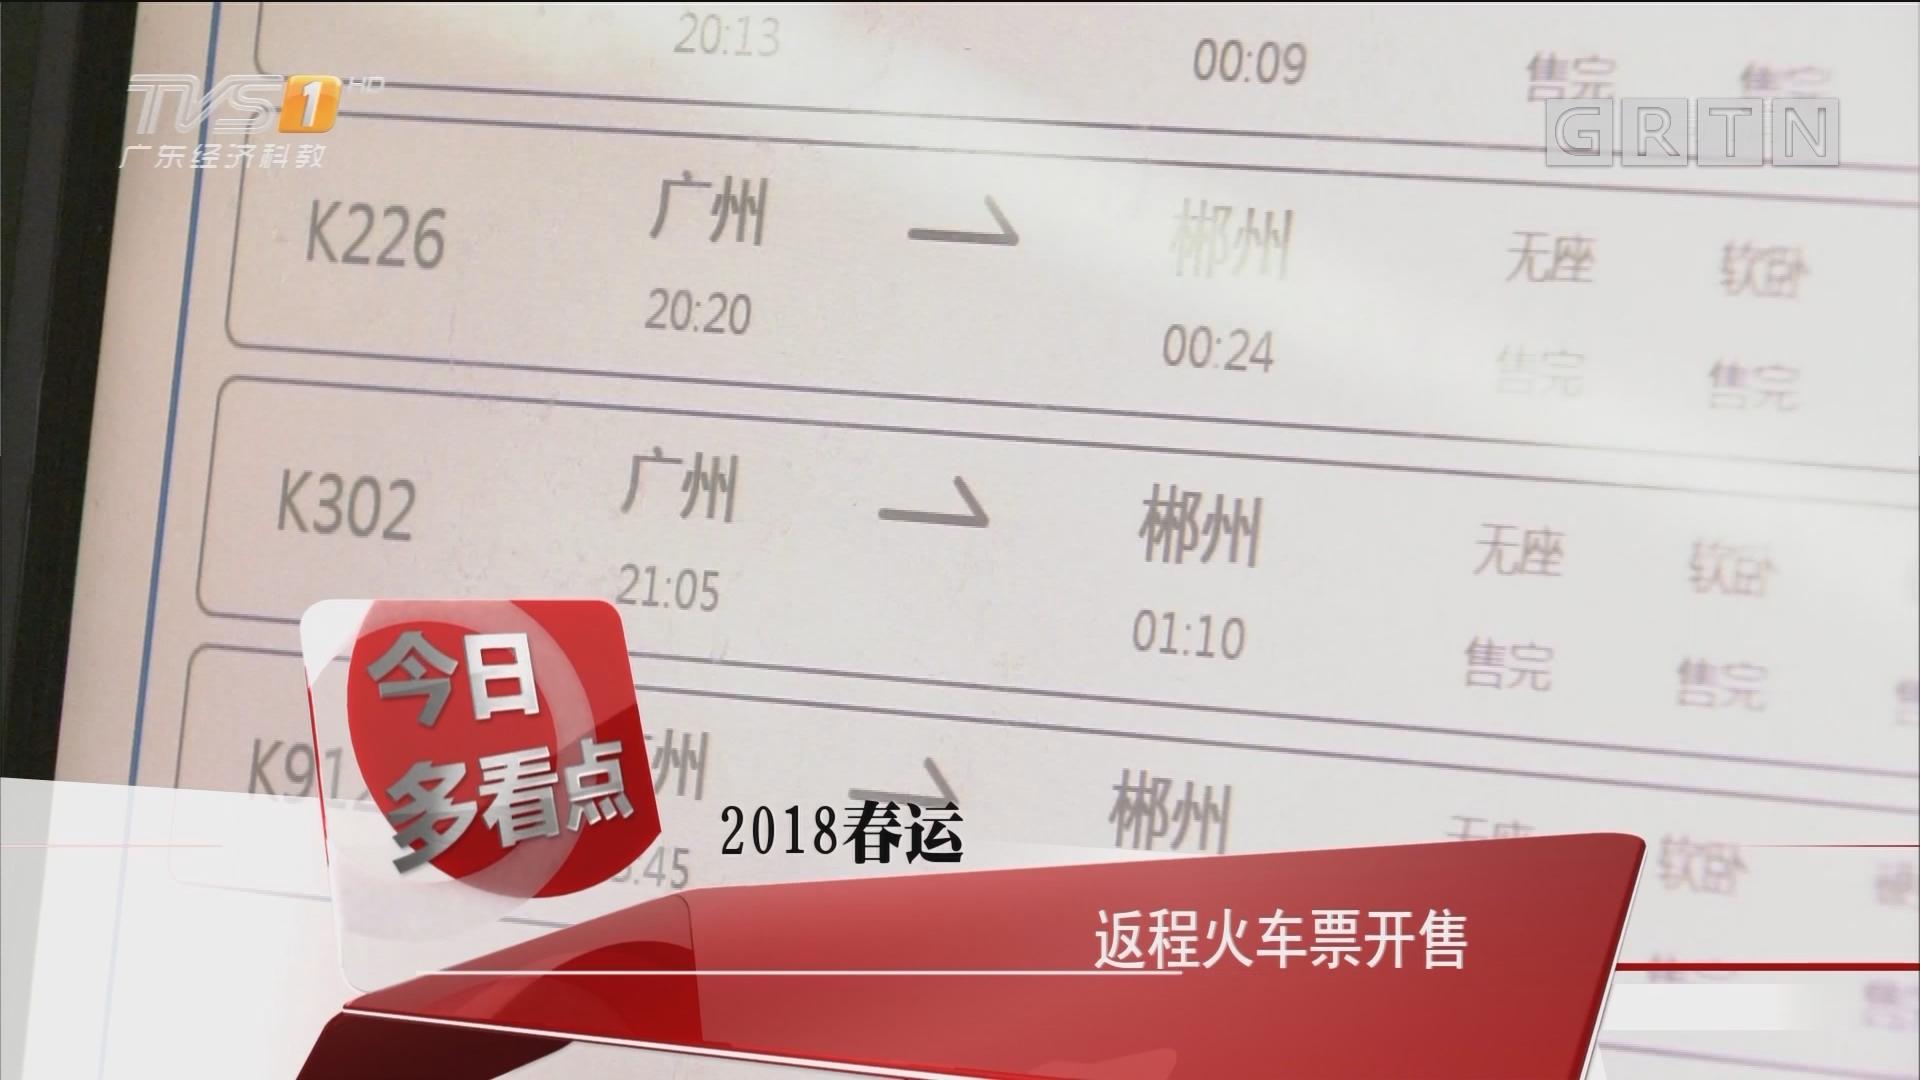 2018春运:返程火车票开售